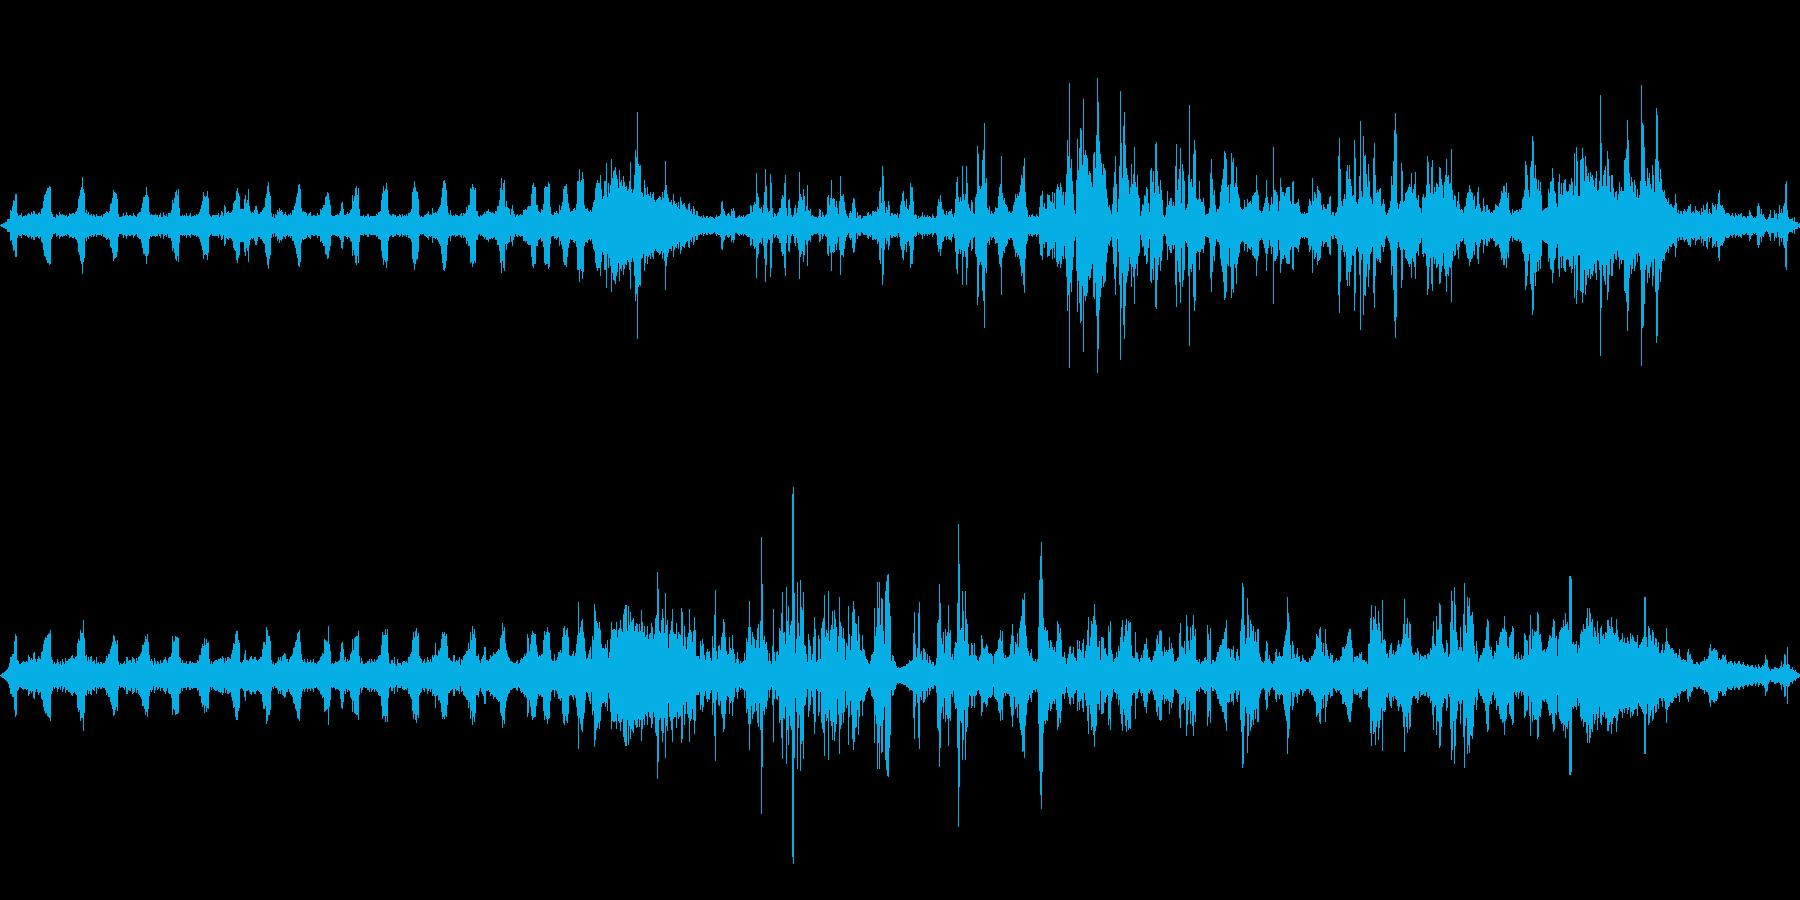 山で録ったカラスとセミの音の再生済みの波形